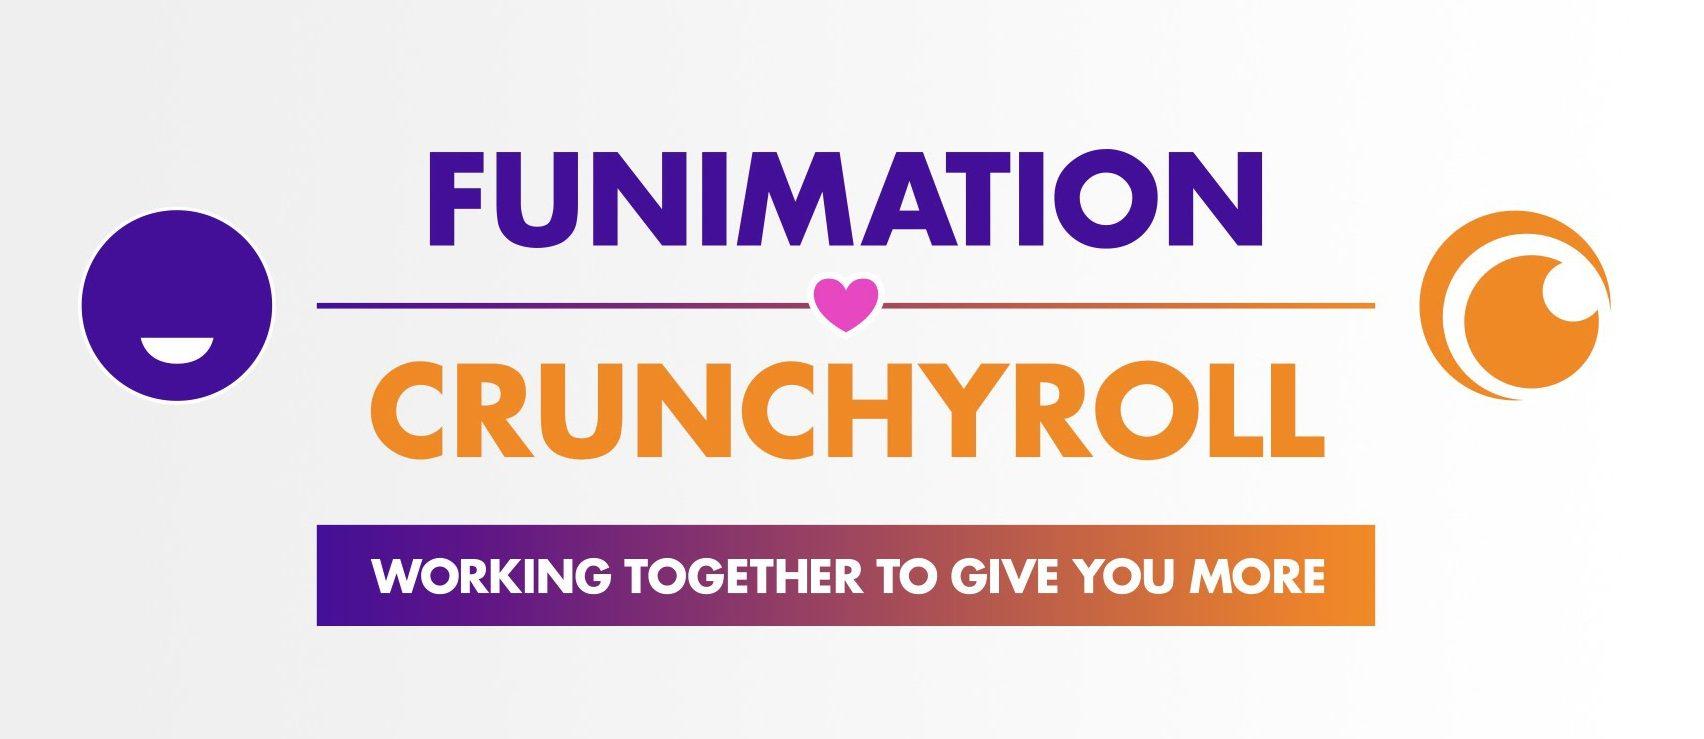 Funimation x Crunchyroll logo.